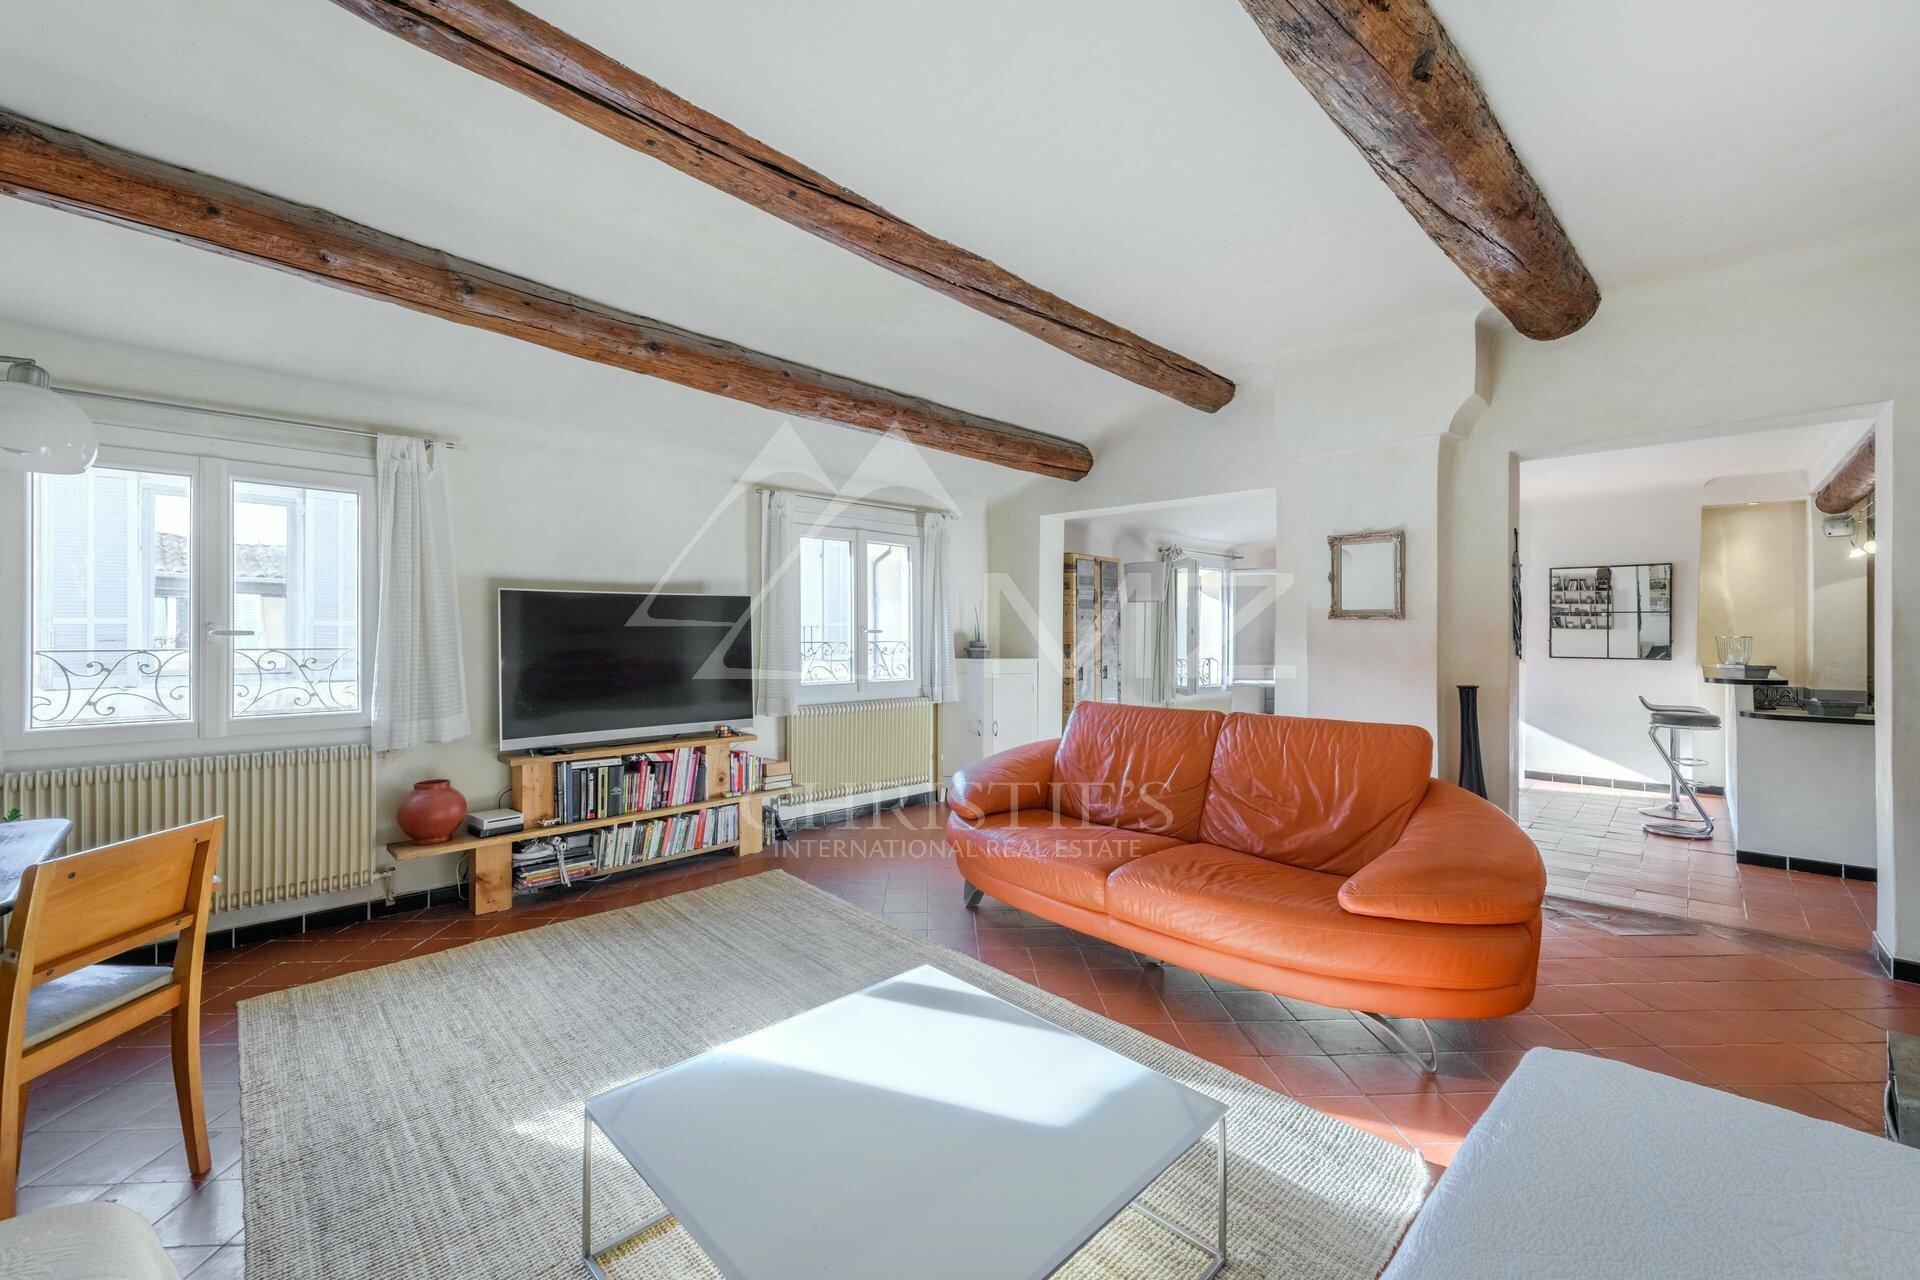 Apartment in Aix-en-Provence, Provence-Alpes-Côte d'Azur, France 1 - 11298557